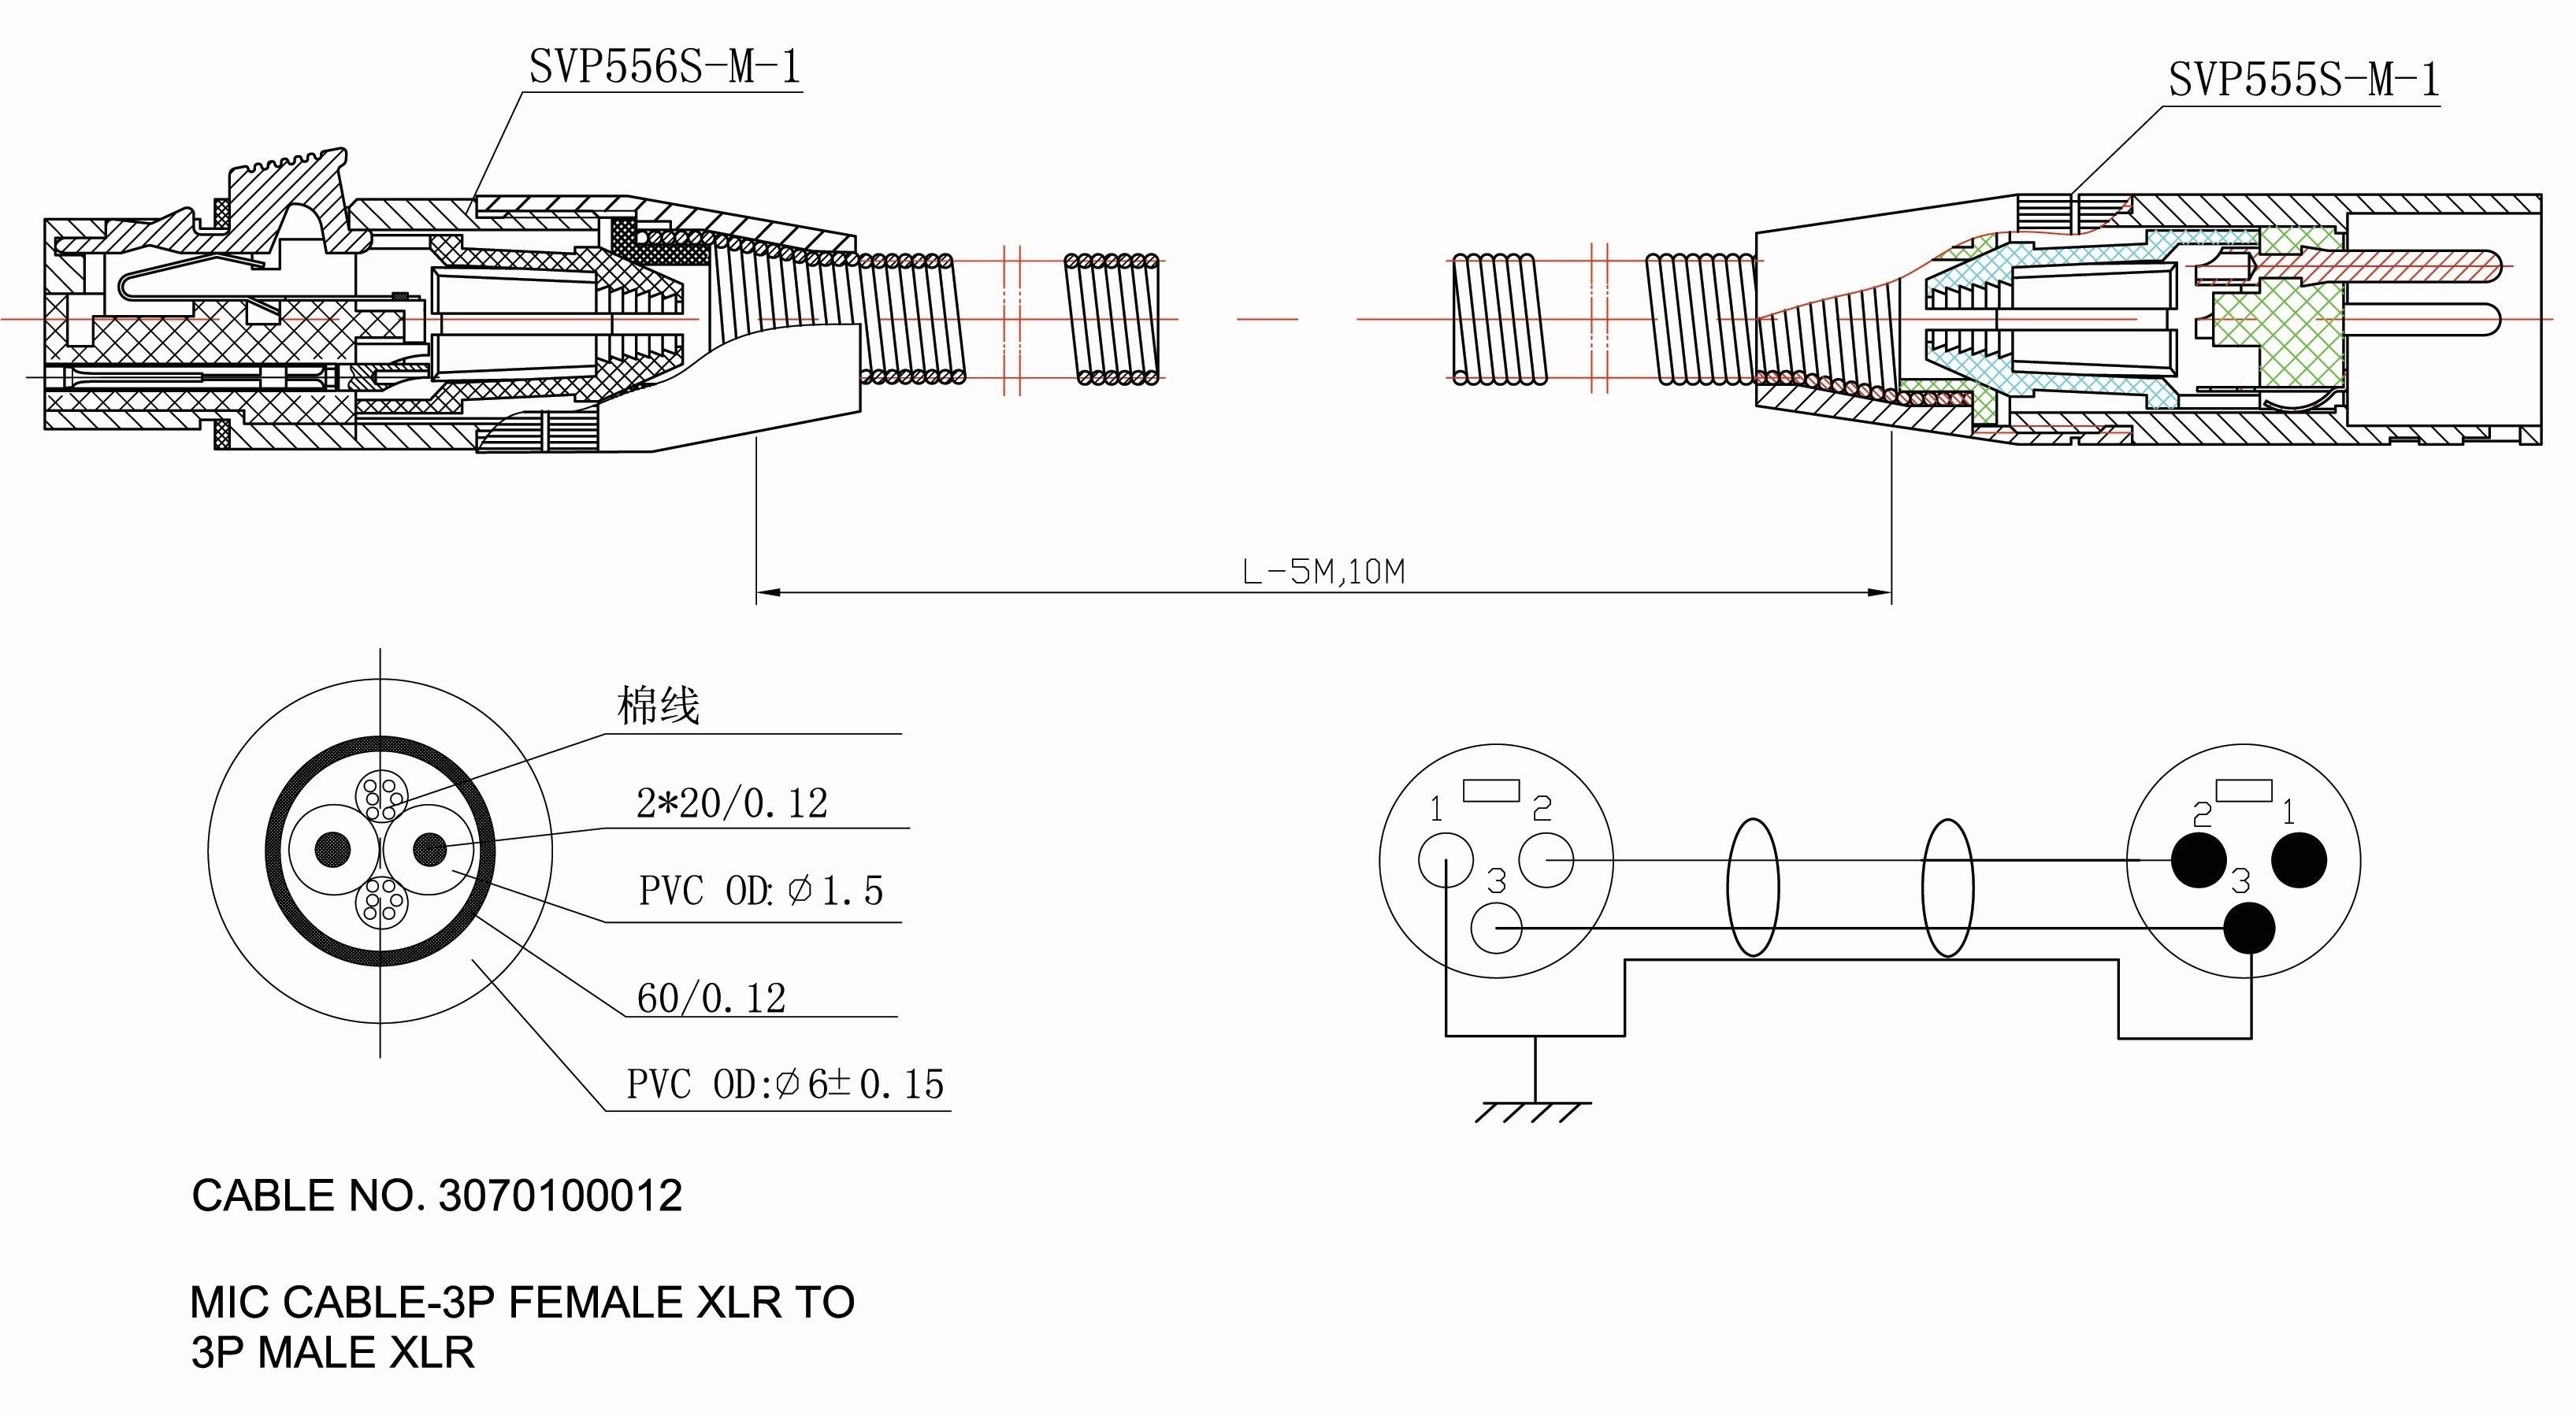 m1010 wiring diagrams wiring diagram namem1010 wiring diagrams wiring diagram show m1010 wiring diagrams